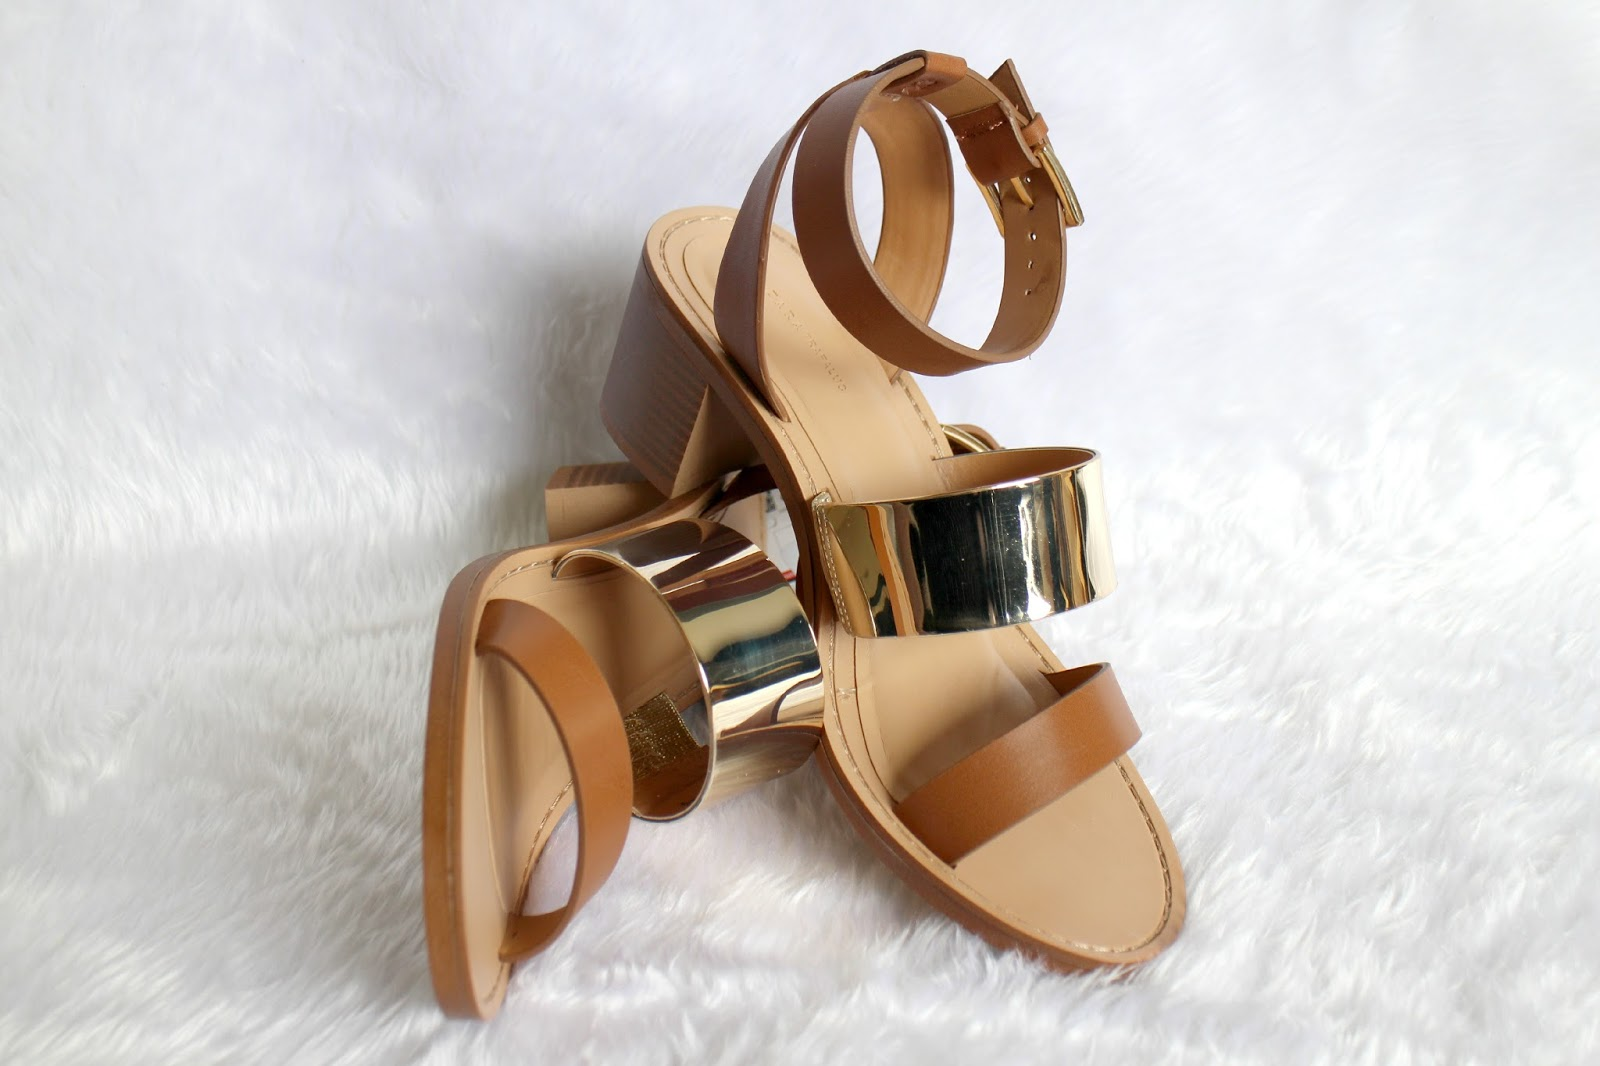 Zara Summer 2015 Sandals